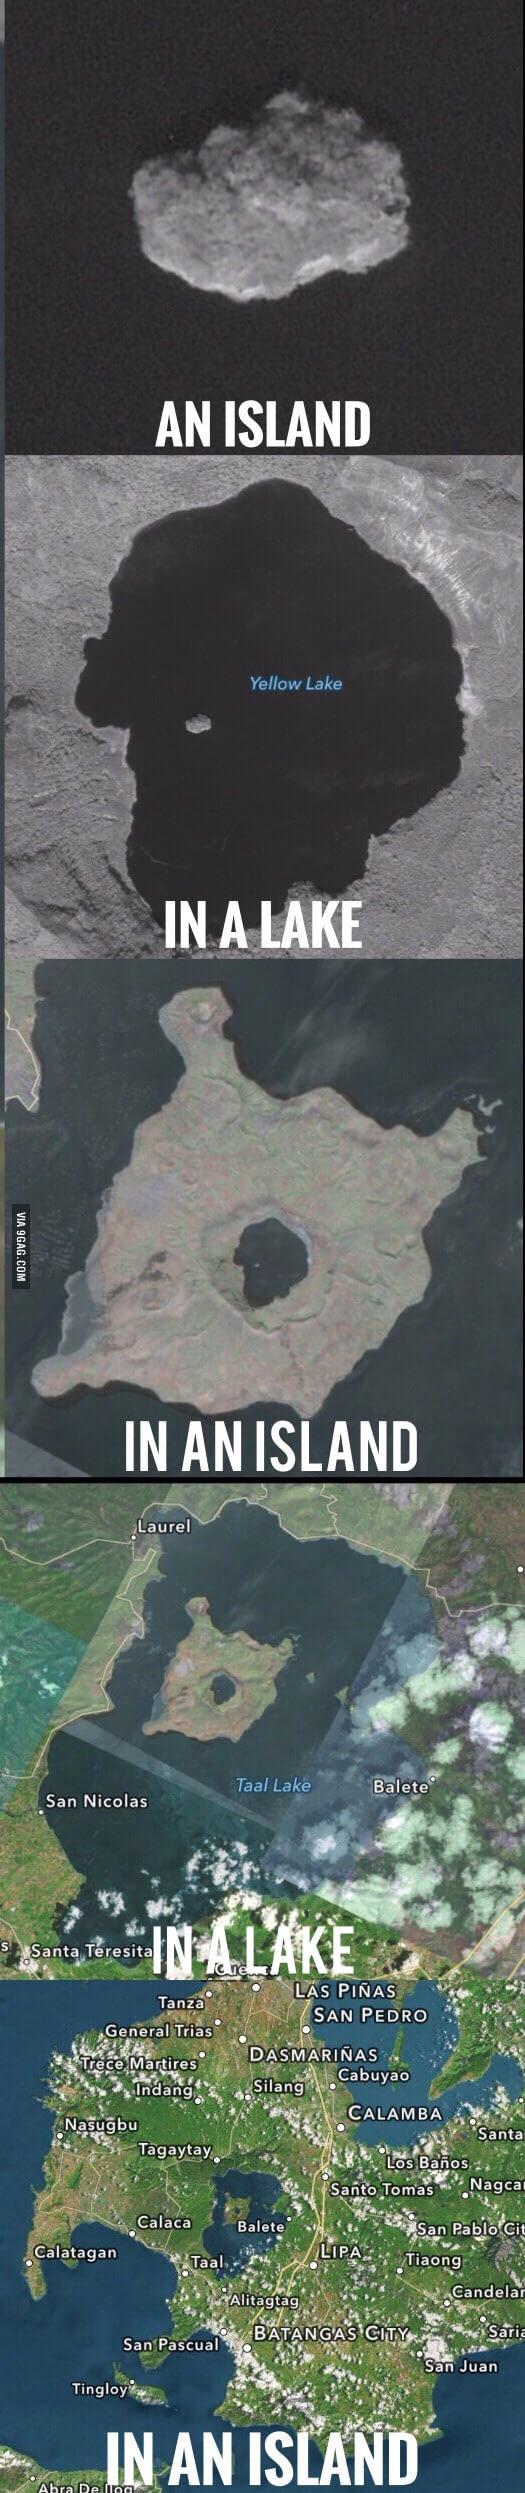 Остров на озере, на острове, на озере, на острове. Остров, Озеро, 9gag, Рекурсия, Длиннопост